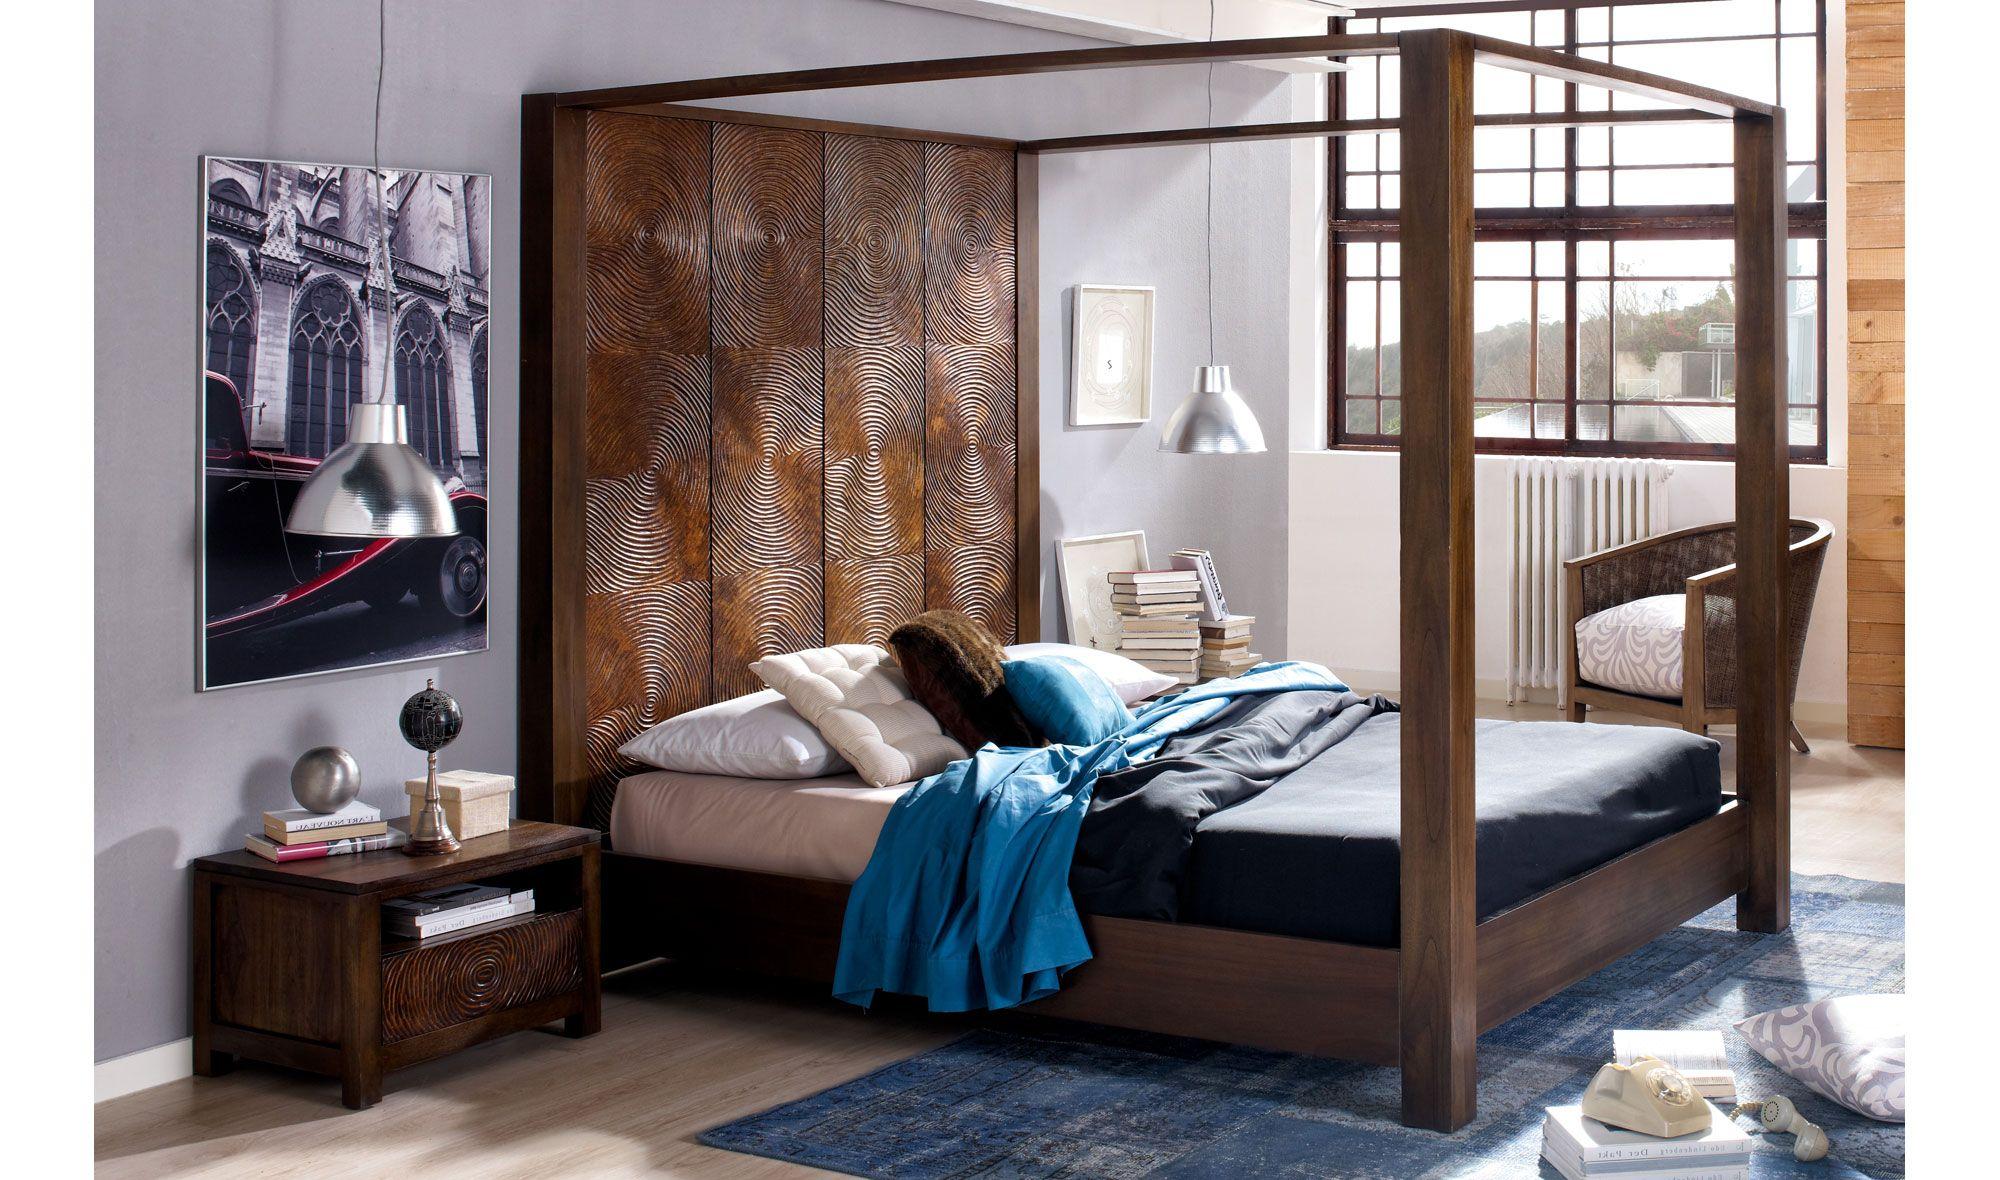 Mueble Realizado En Madera De Teca Viejo Desde Eur 2673  # Muebles Teca Interior